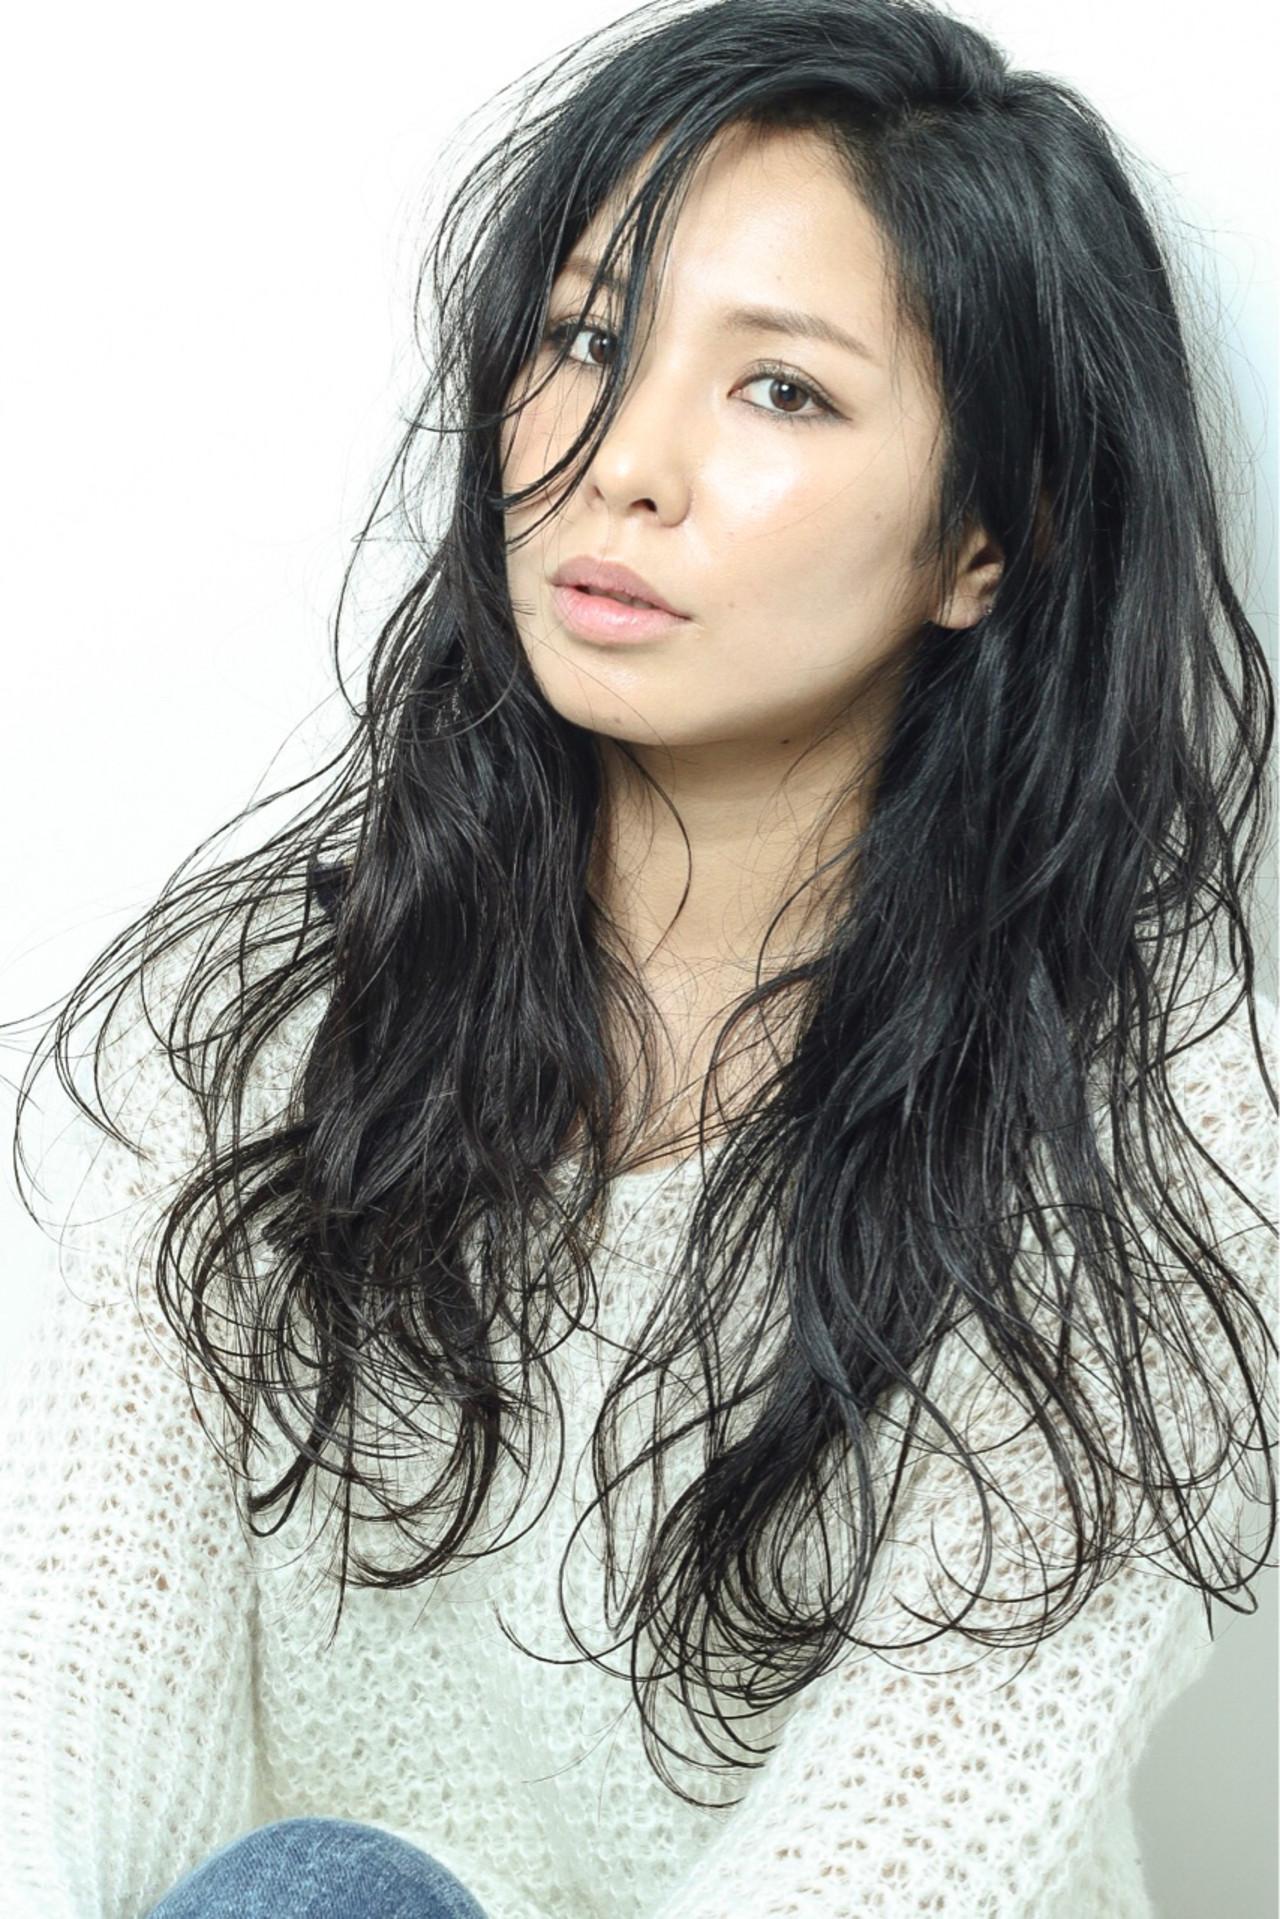 黒髪 大人女子 ボーイッシュ フェミニン ヘアスタイルや髪型の写真・画像 | 松永瑞樹 / Ash浜田山